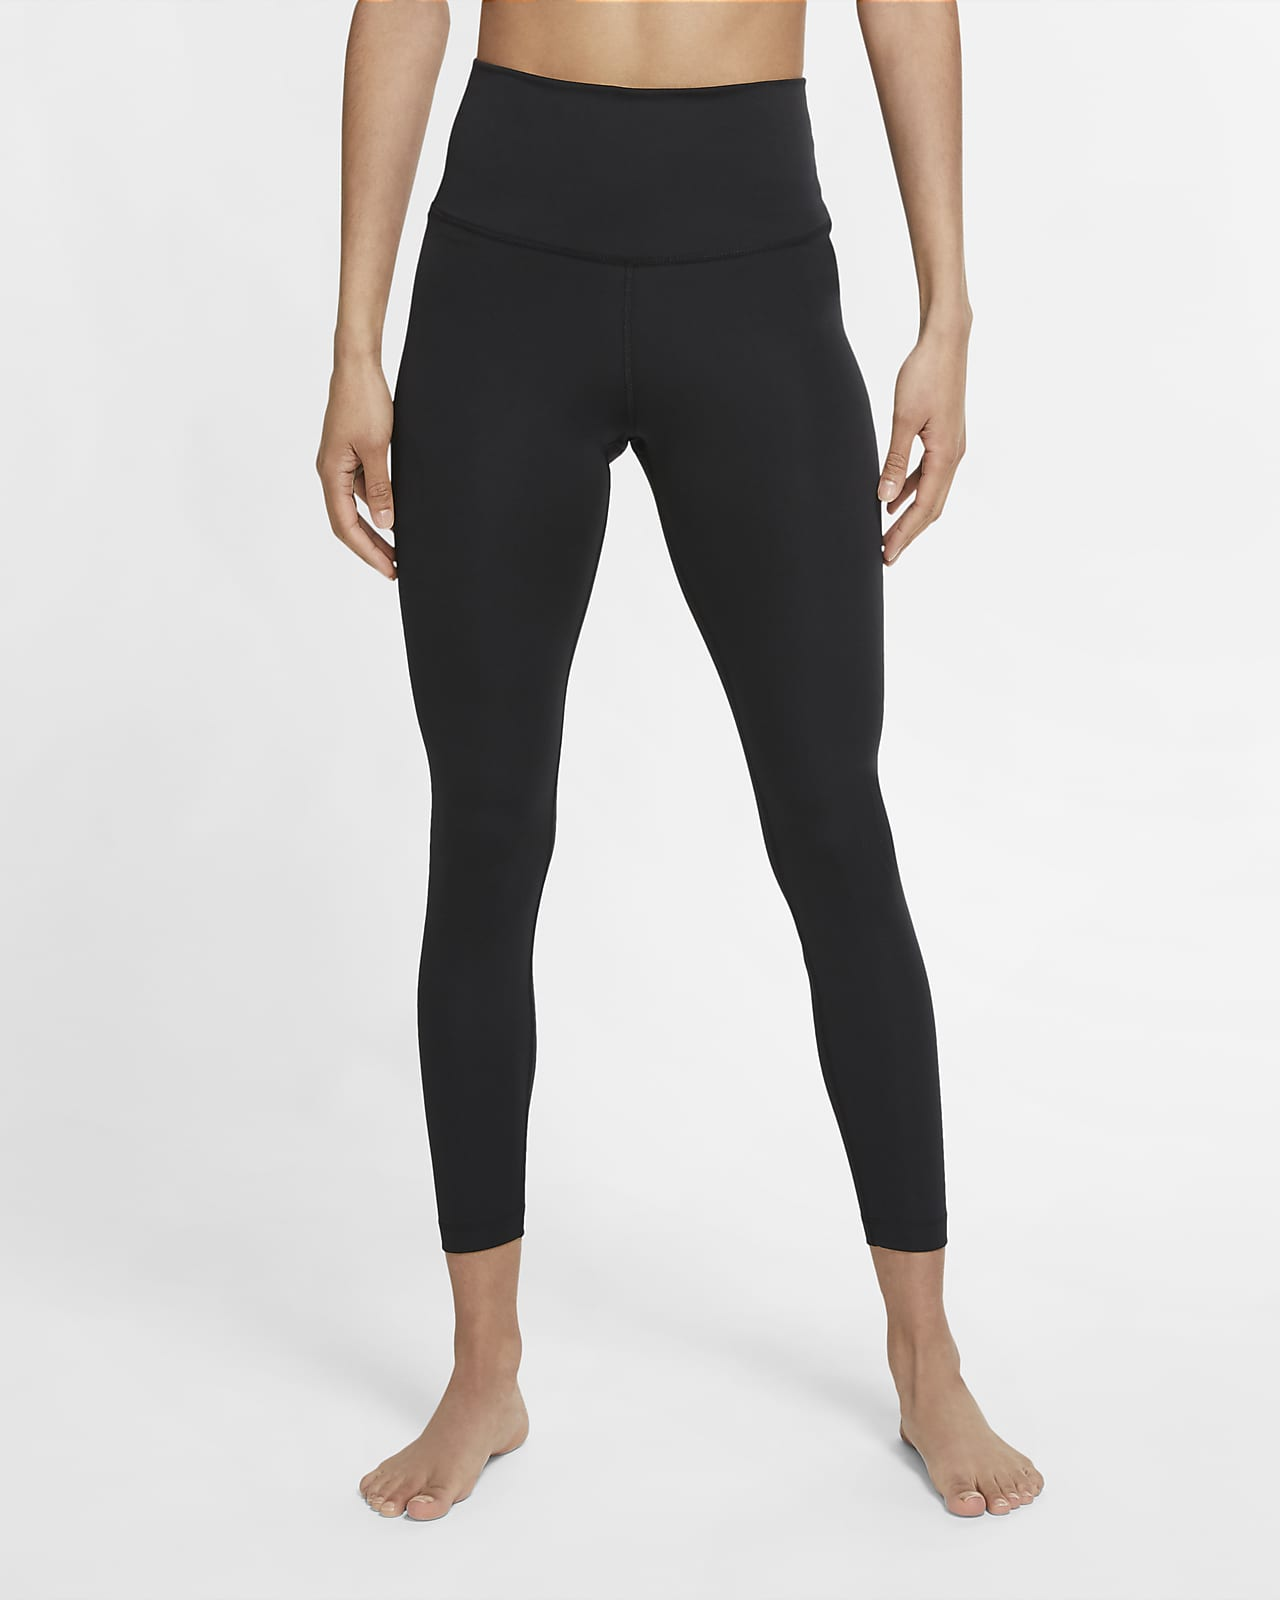 Женские слегка укороченные леггинсы Nike Yoga